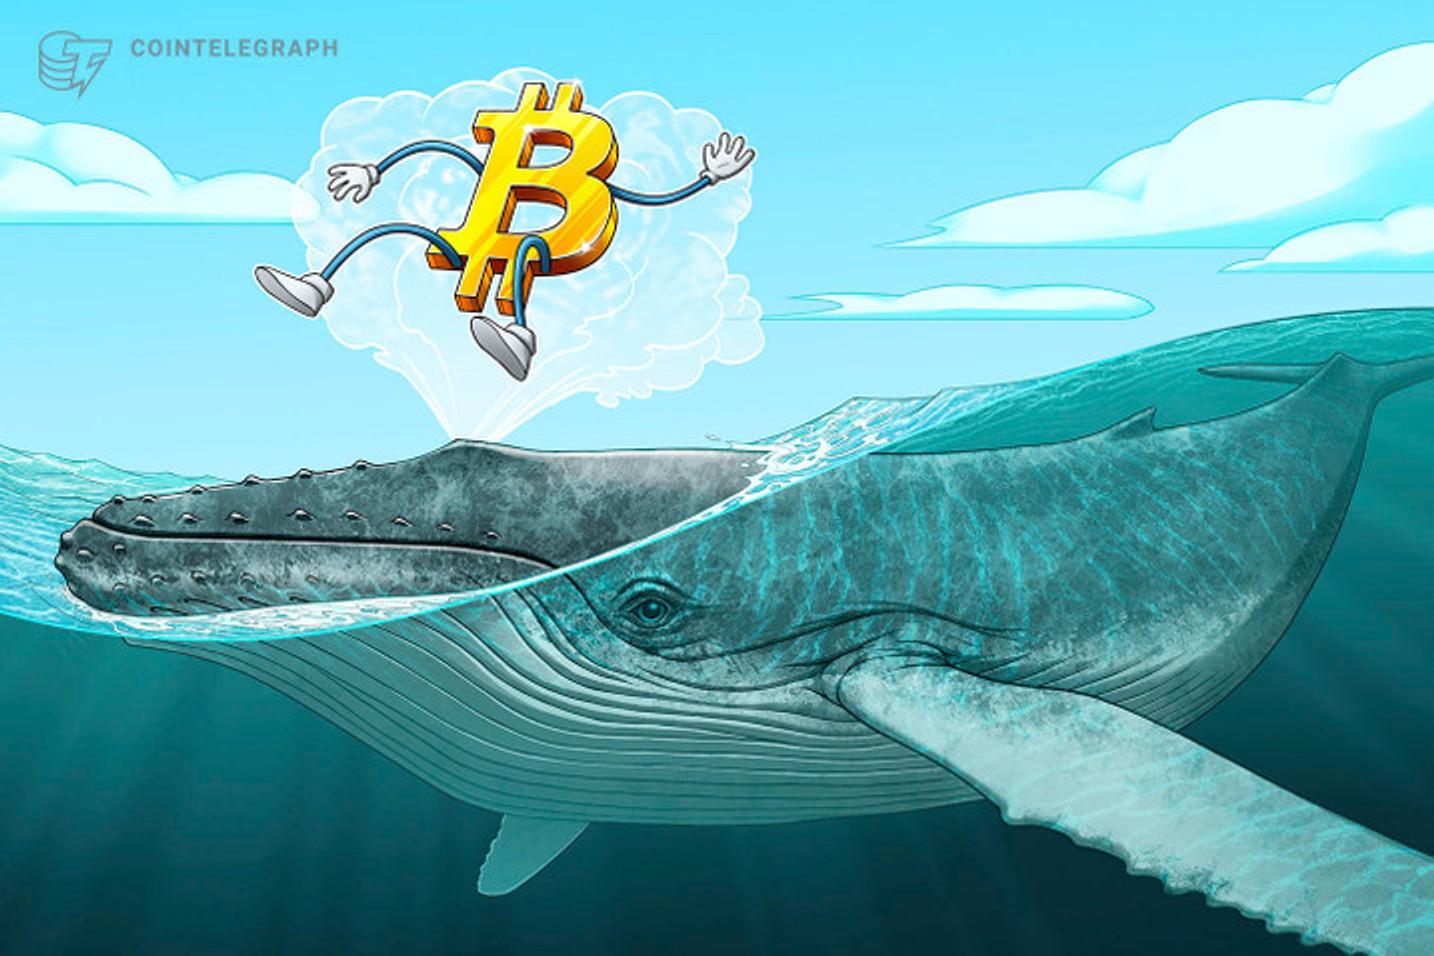 Balinalar ile ilişkili gösterge, Bitcoin için tehlike çanlarını çalıyor